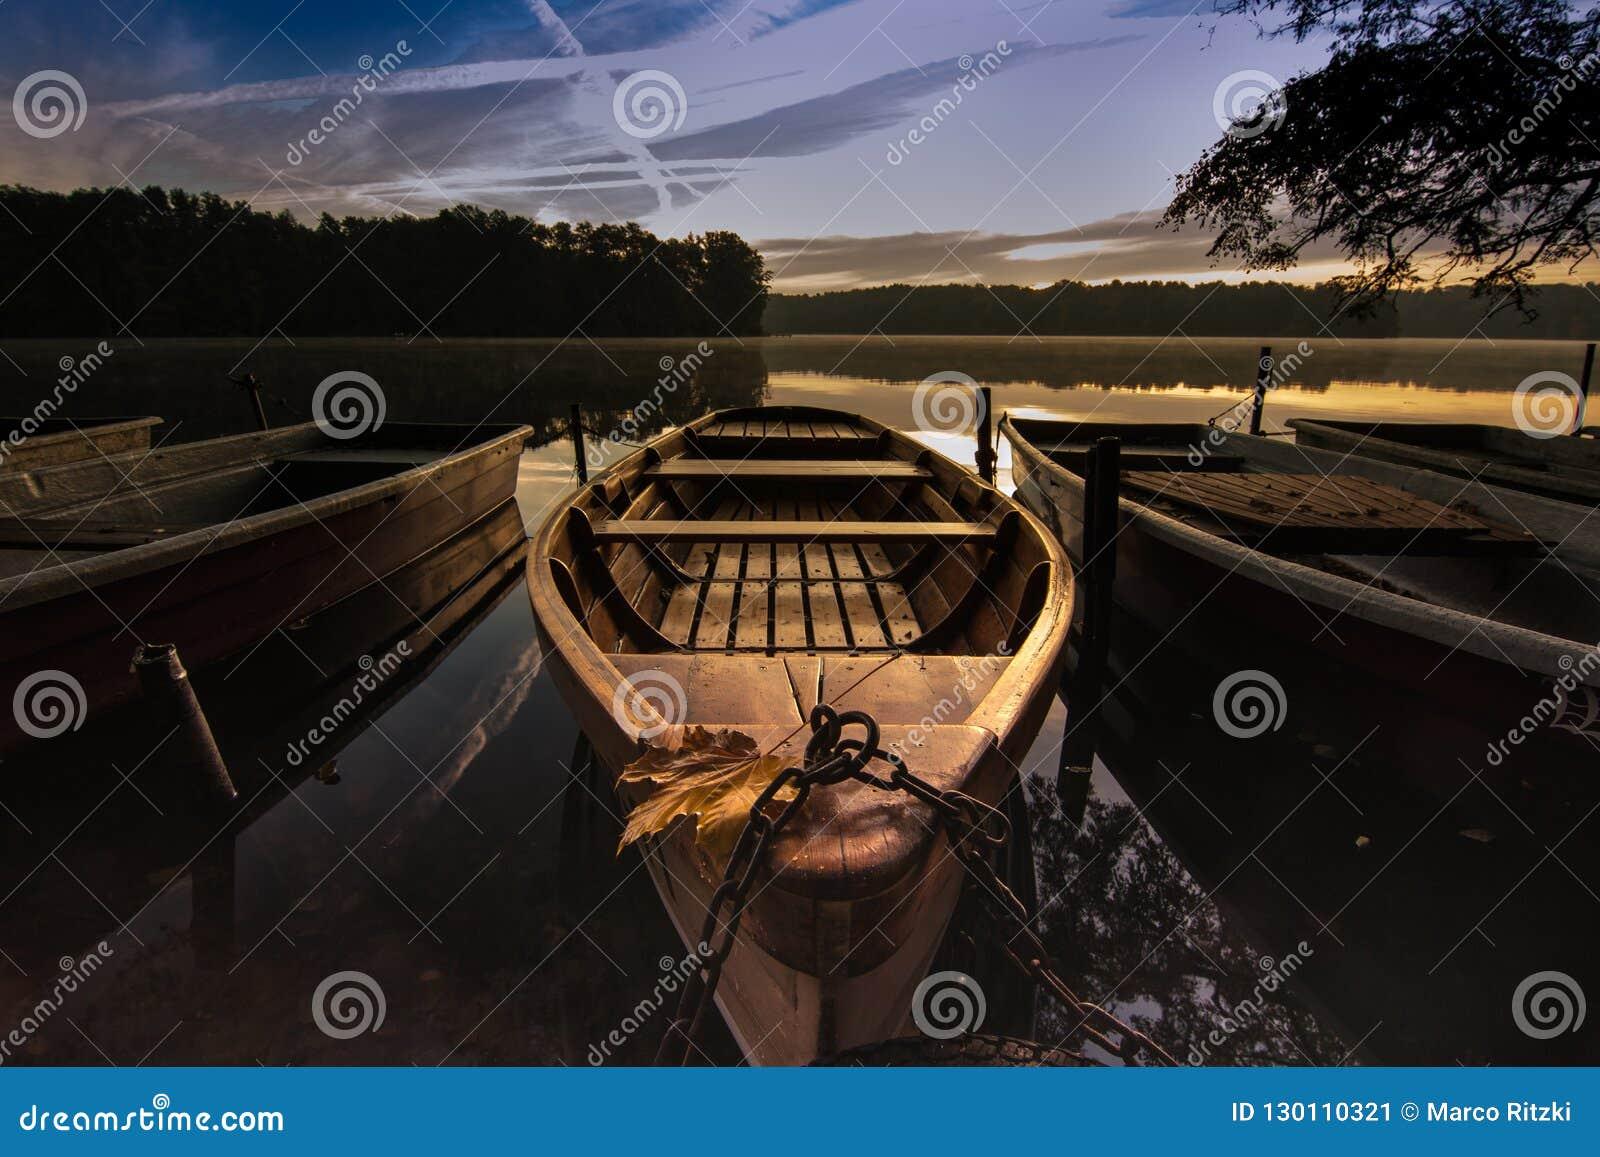 Zonsopgang op meer in de herfst met een boot